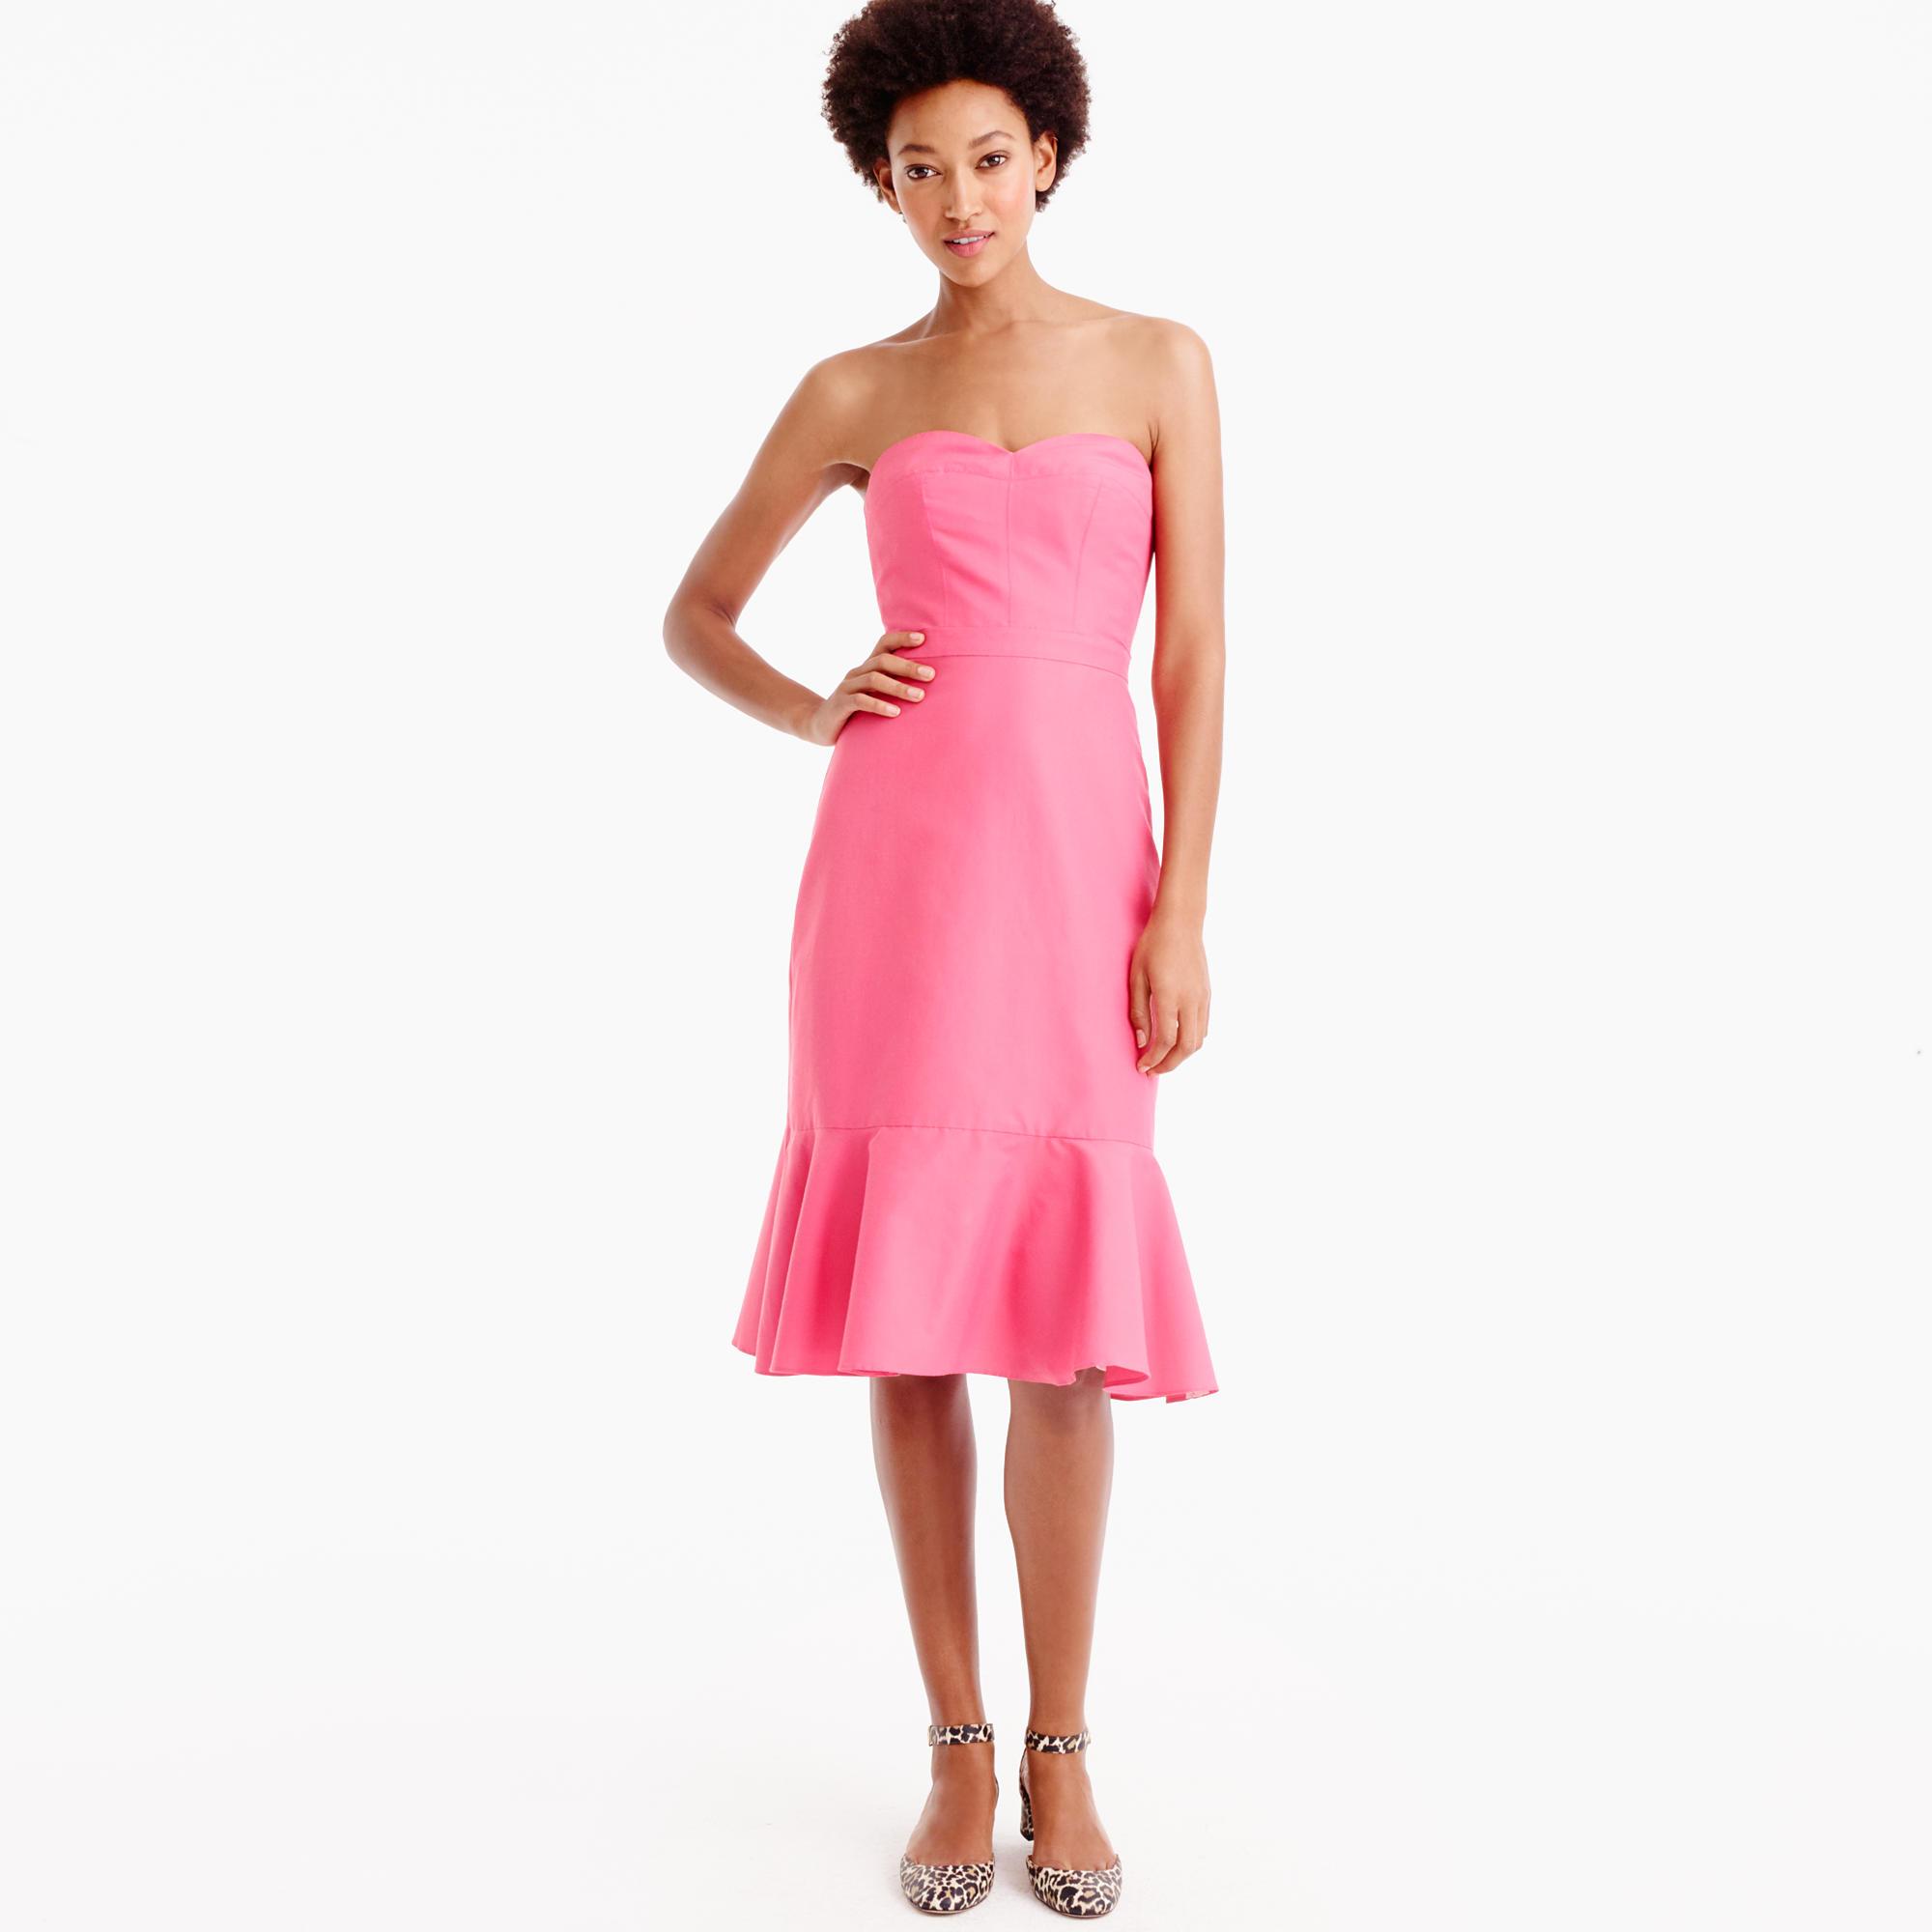 Evening dress size 00 tall